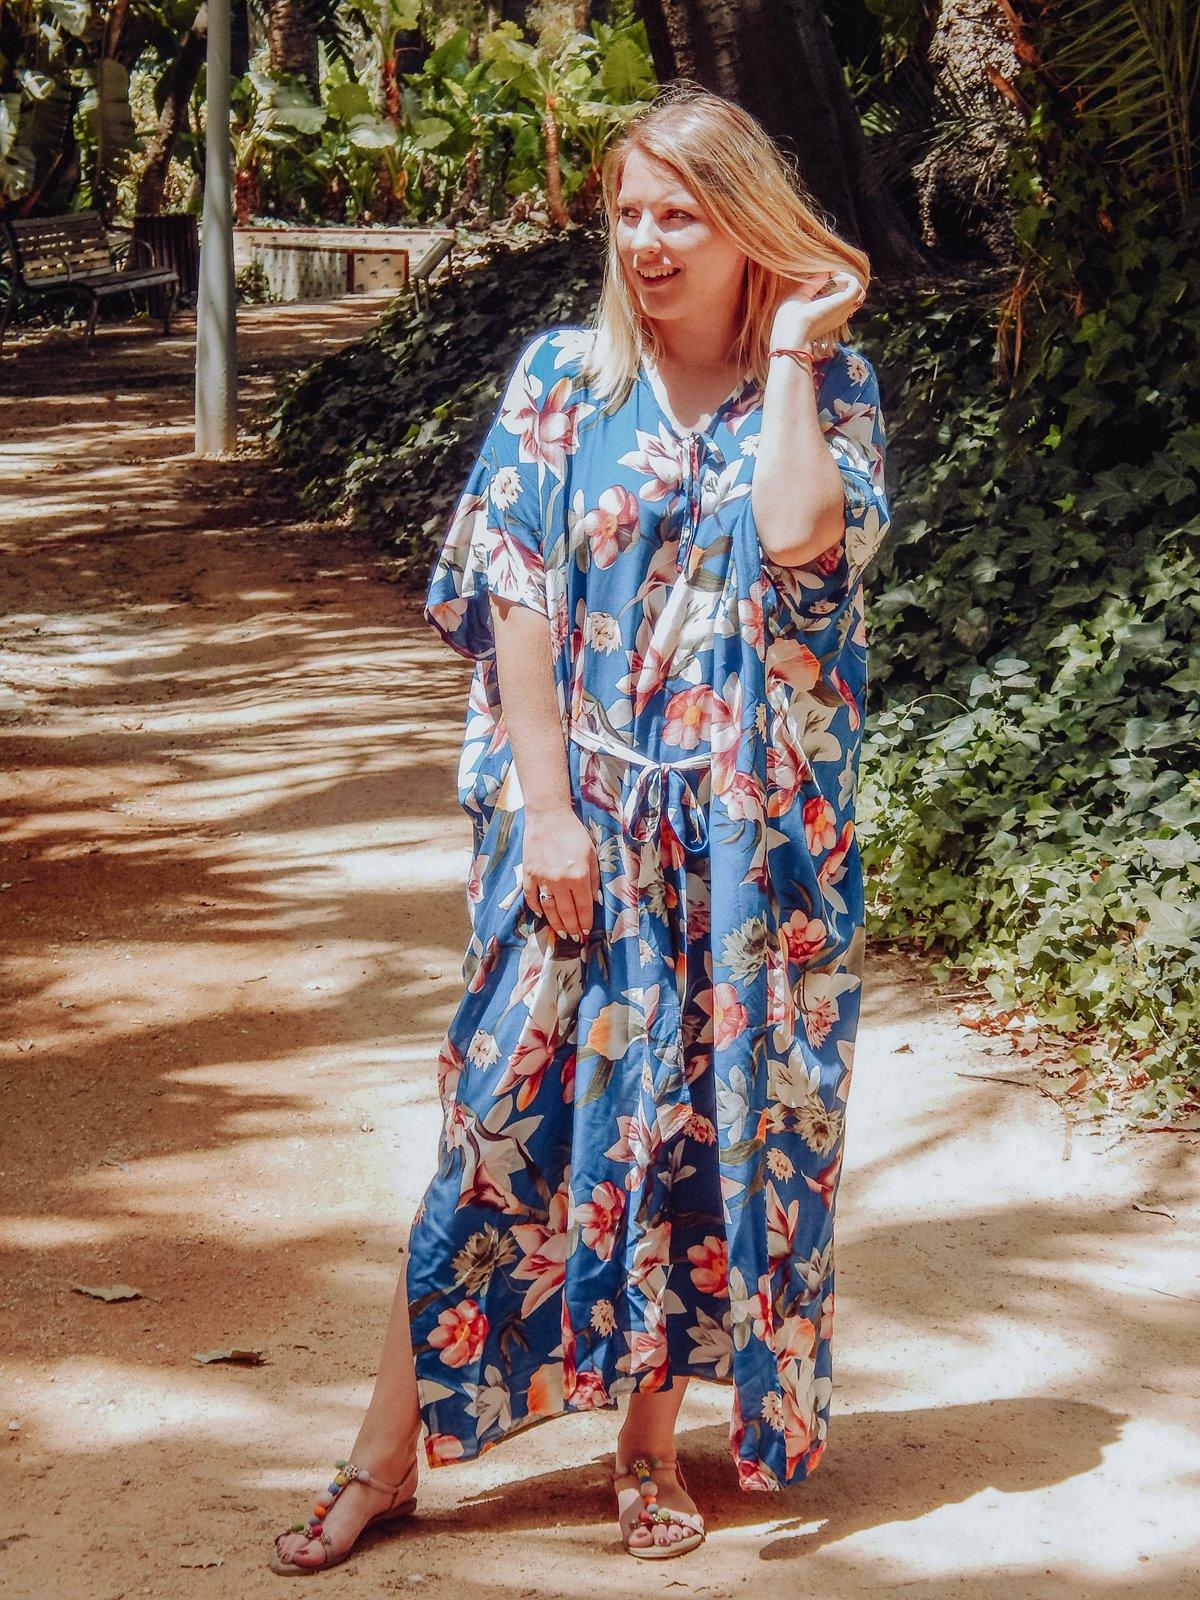 4 polskie młode marki firmy godne uwagi moda modowe marki łódź blog blogerka blogerzy z łodzi fashion zero waste jak żyć ubrania moda stylizacje modnapolka inspiracje sukienka maxi nalu bodywear instagram style melody